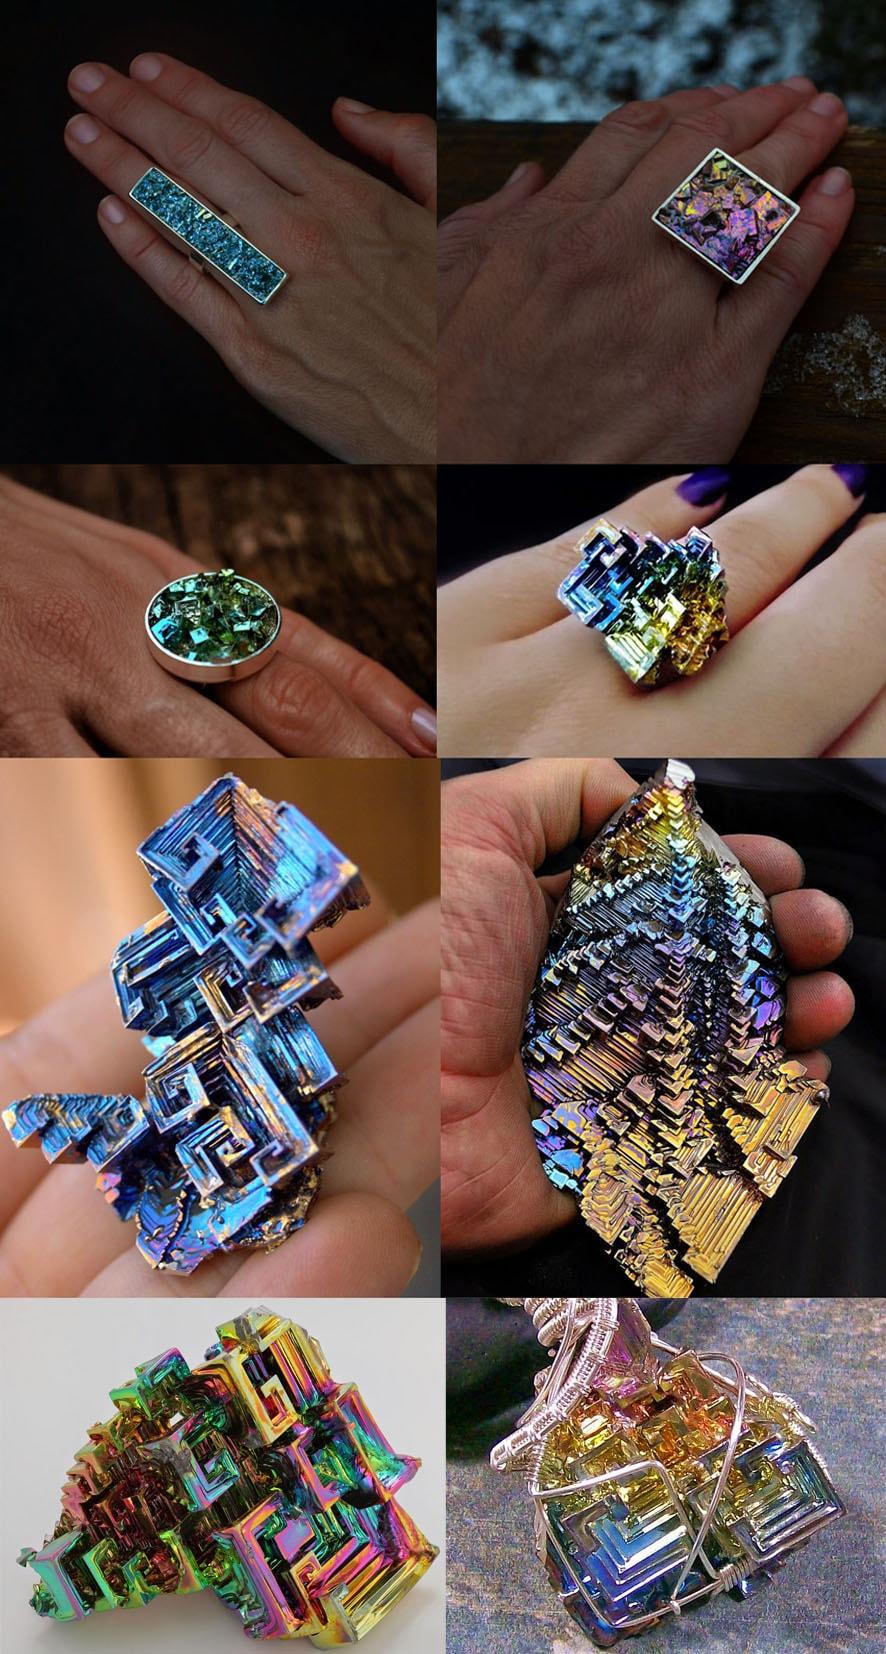 Cristais de bismuto - A beleza geométrica das jóias do arco-íris stylo urbano